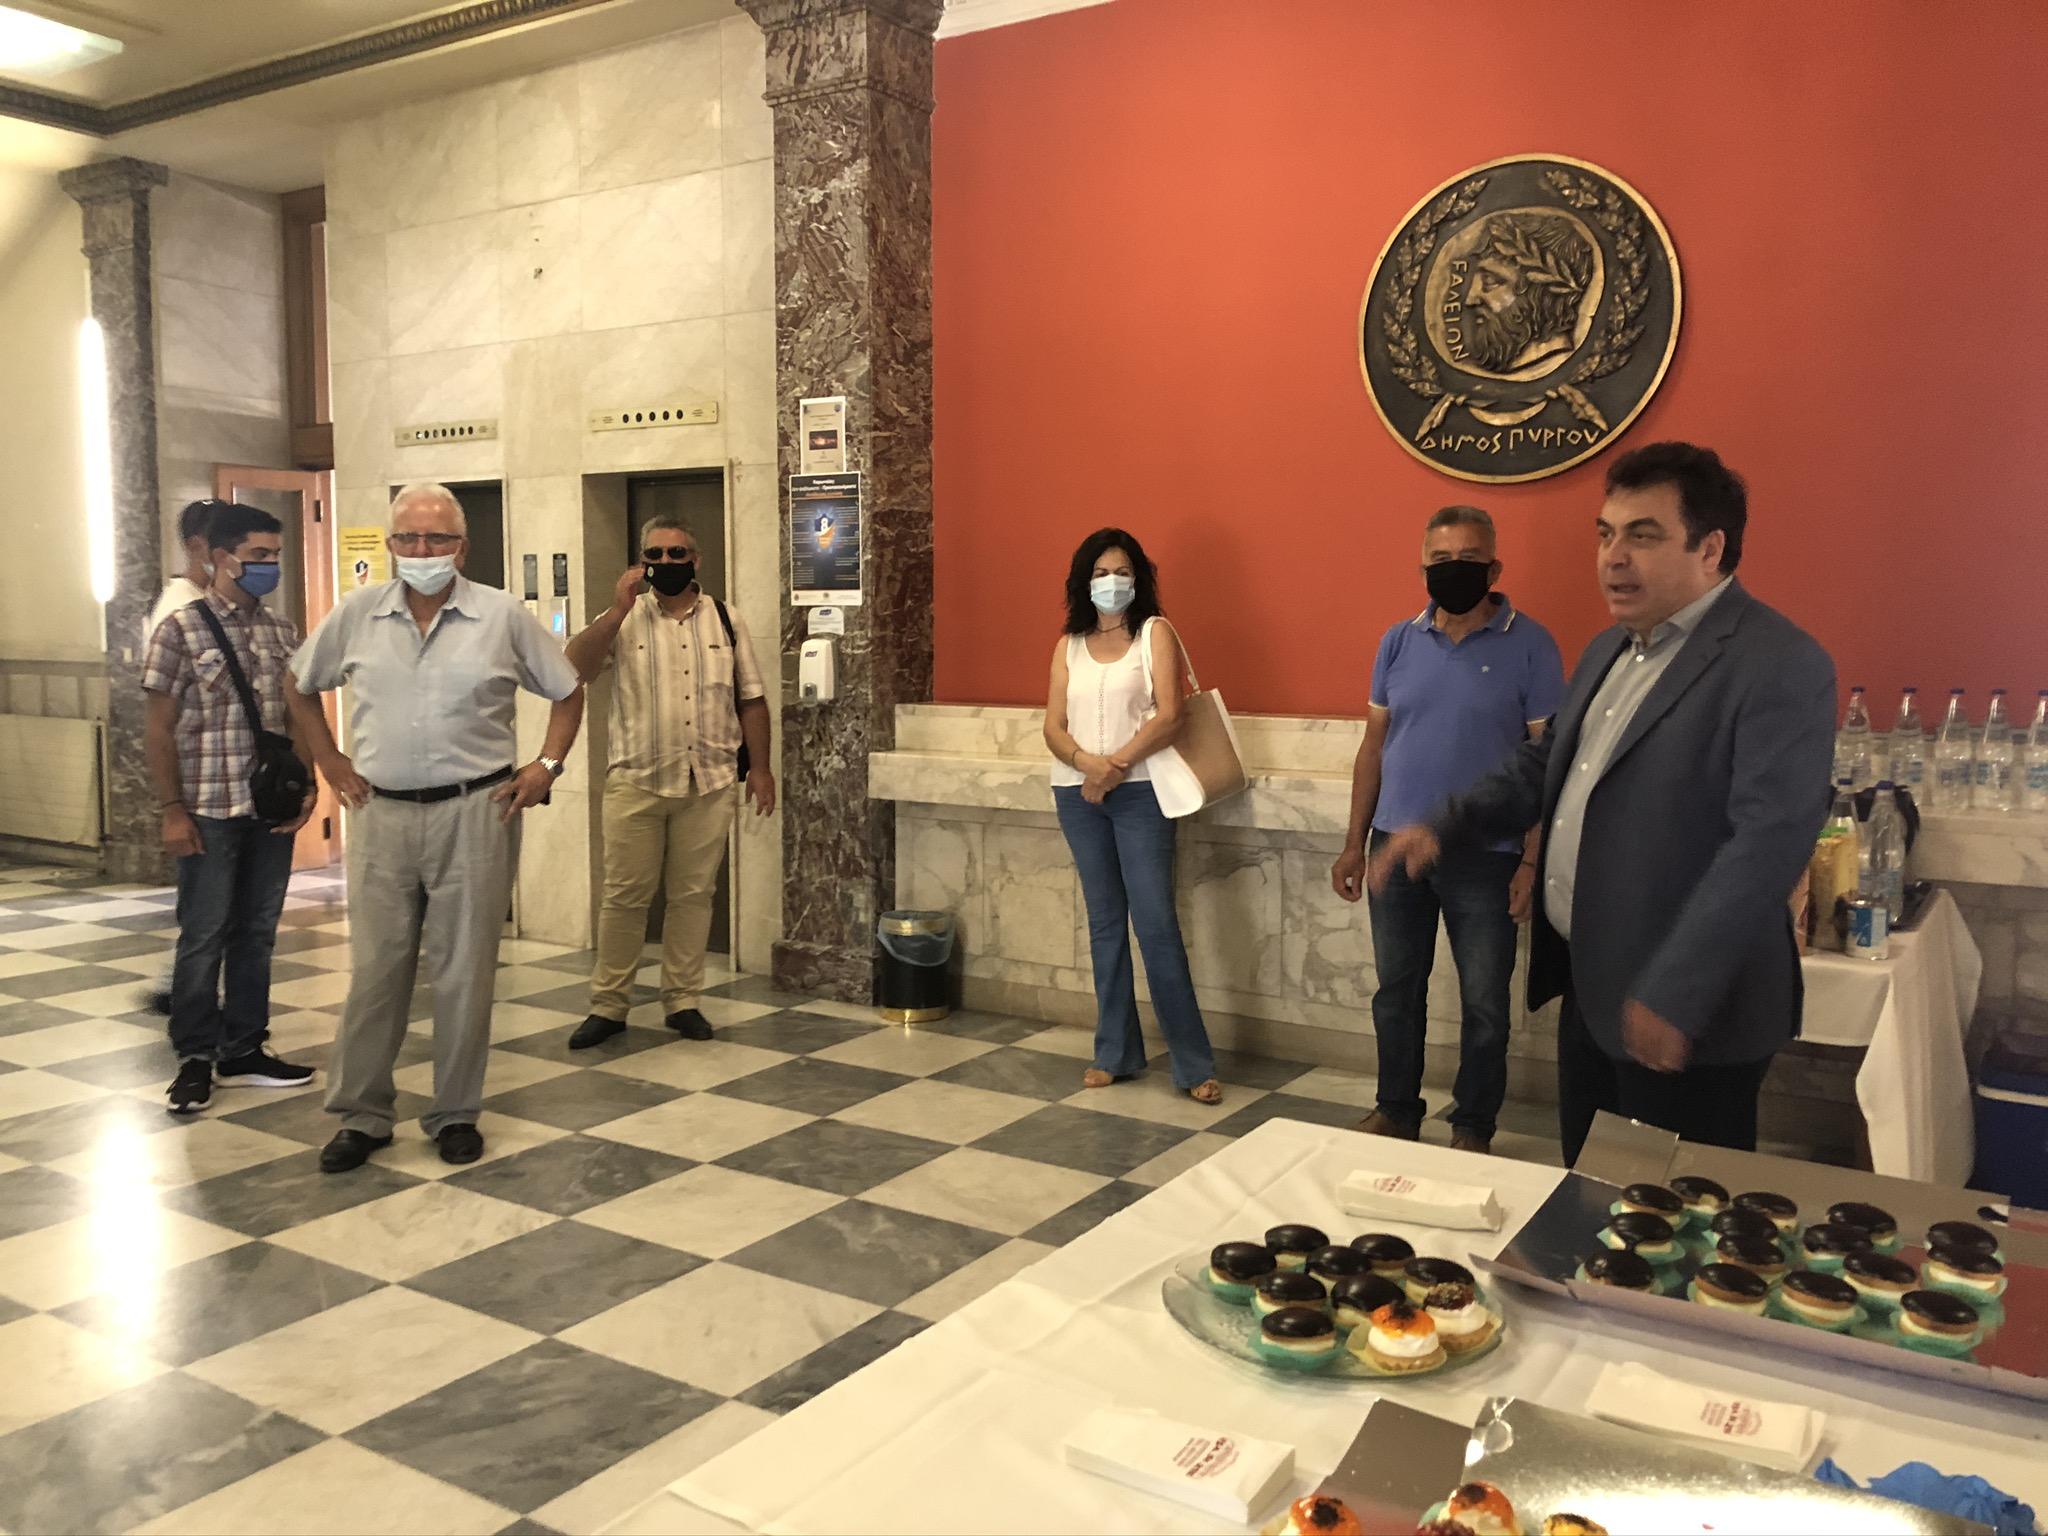 Δήμος Πύργου: Ευχές δημοτών για την ονομαστική εορτή δέχθηκε στο Λάτσειο Μέγαρο ο Δήμαρχος Τάκης Αντωνακόπουλος (photos)